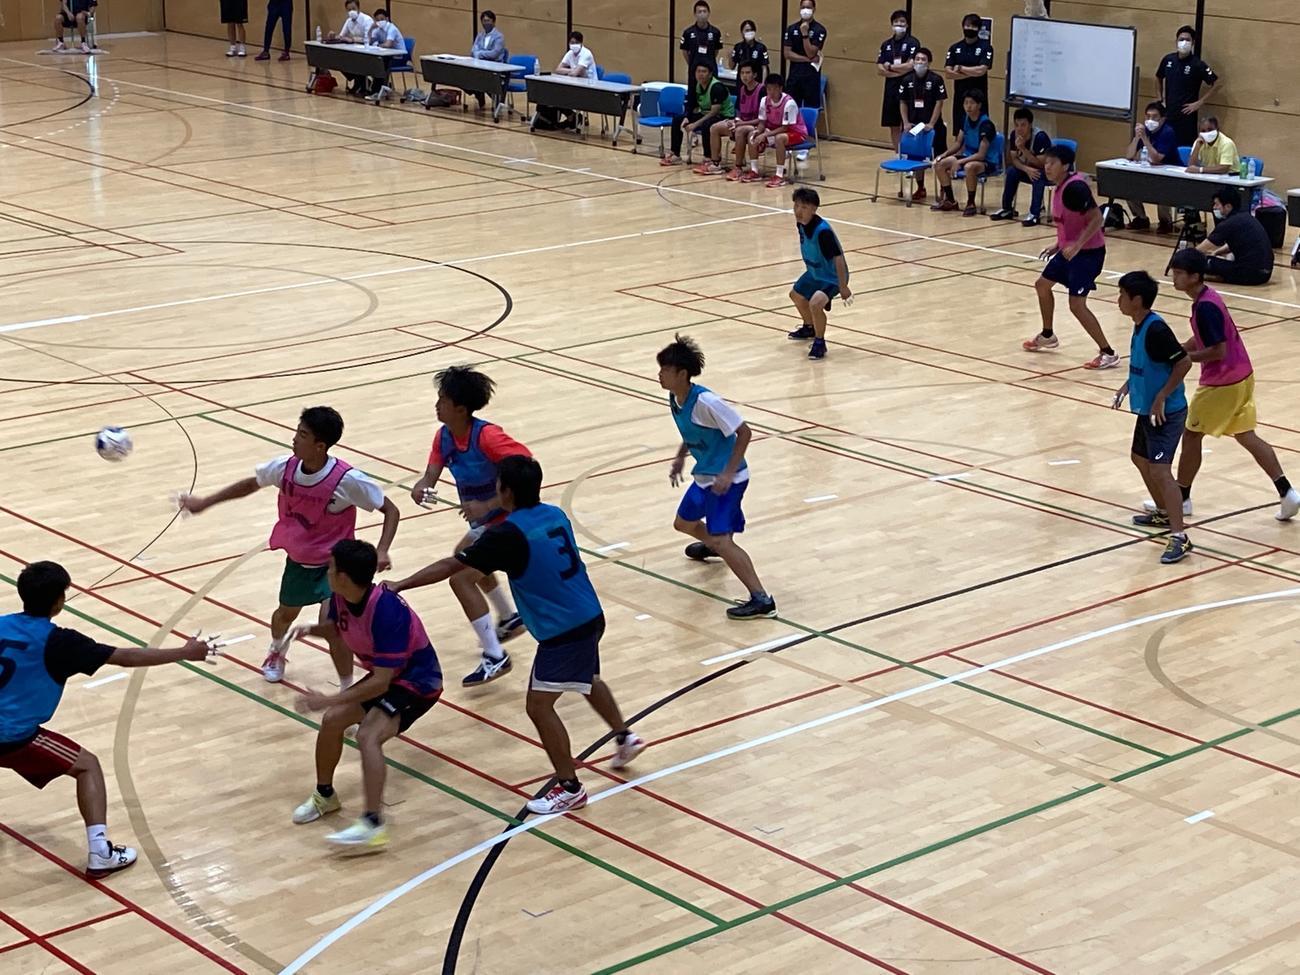 大学ハンドボール関係者の前で自らの力をアピールする高校生たち